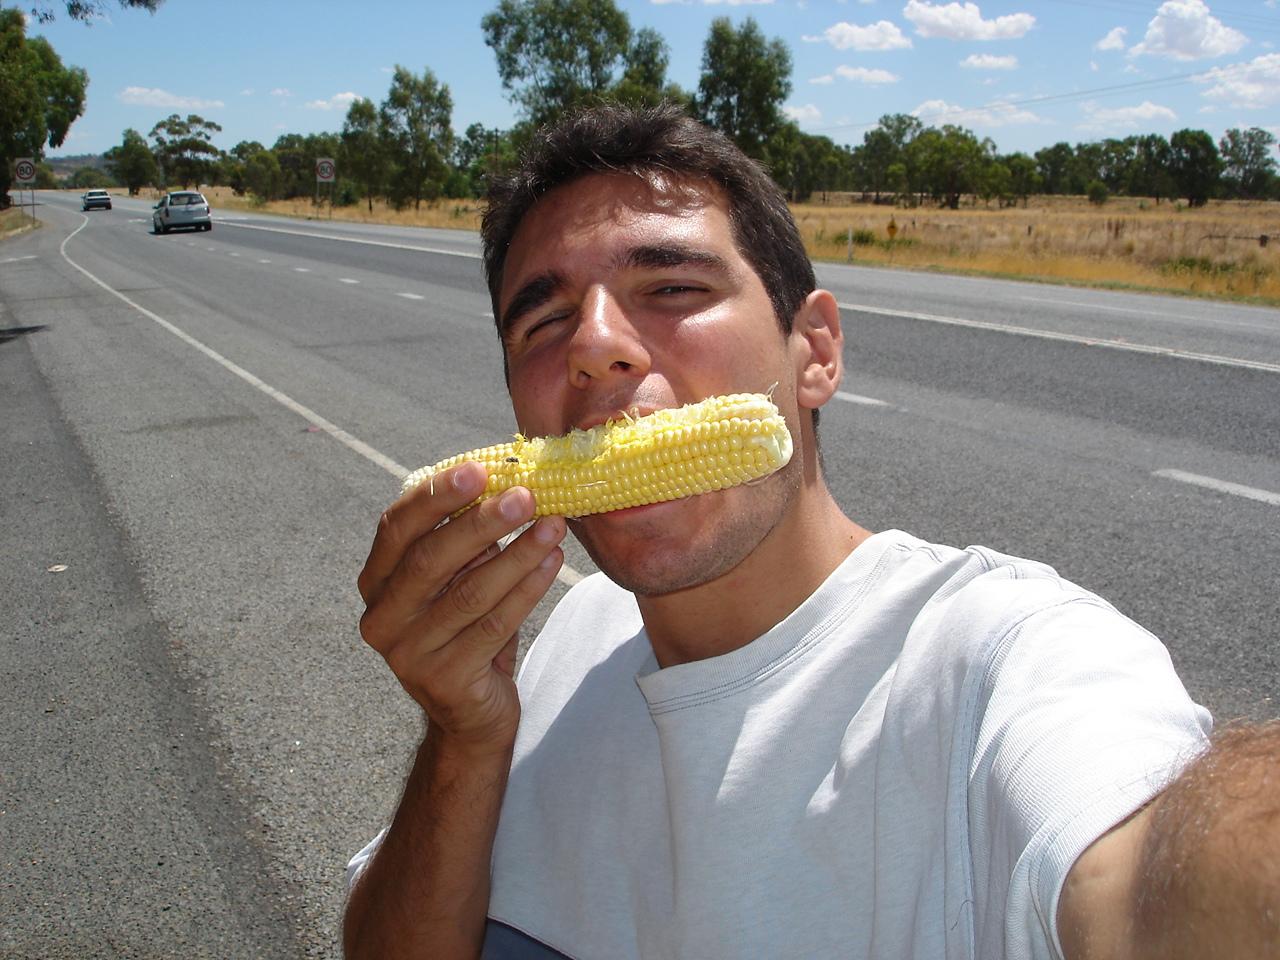 repas trouvé au bord d'une route Australienne